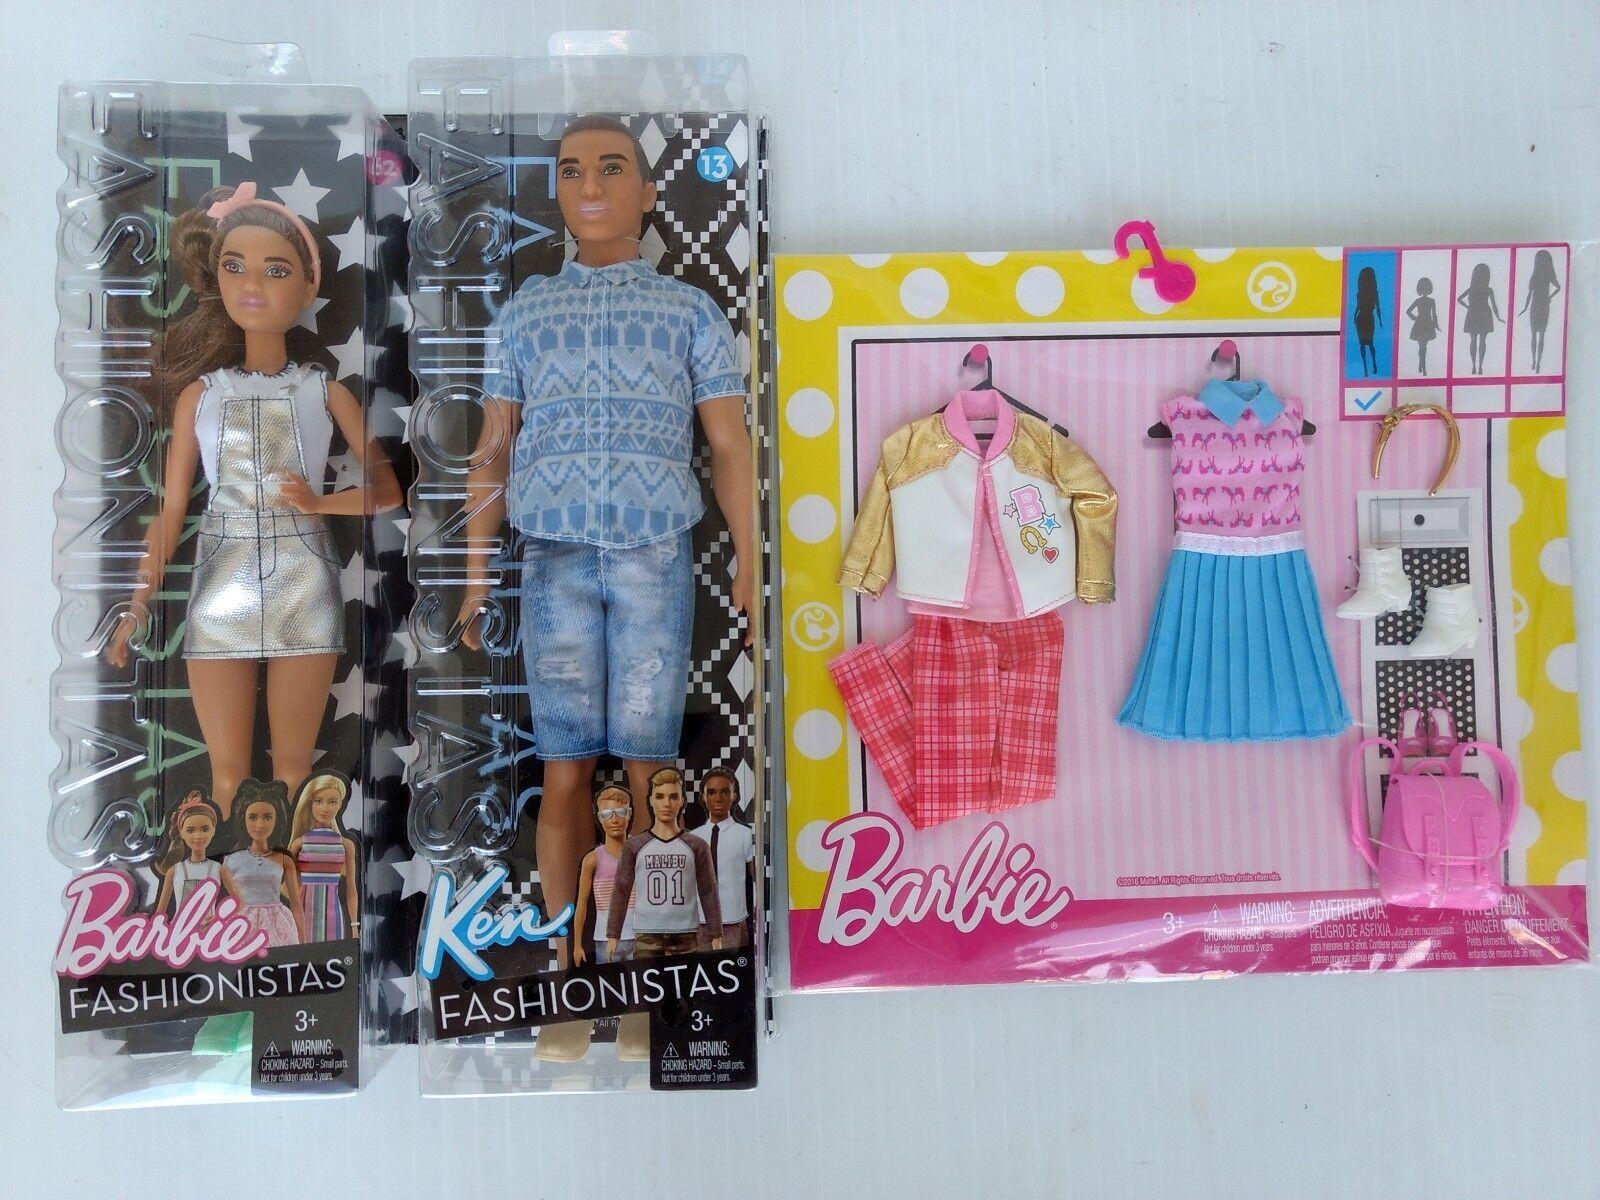 Barbie und Ken Puppe Fashionistas mit Barbie Modischer Outfit Paket